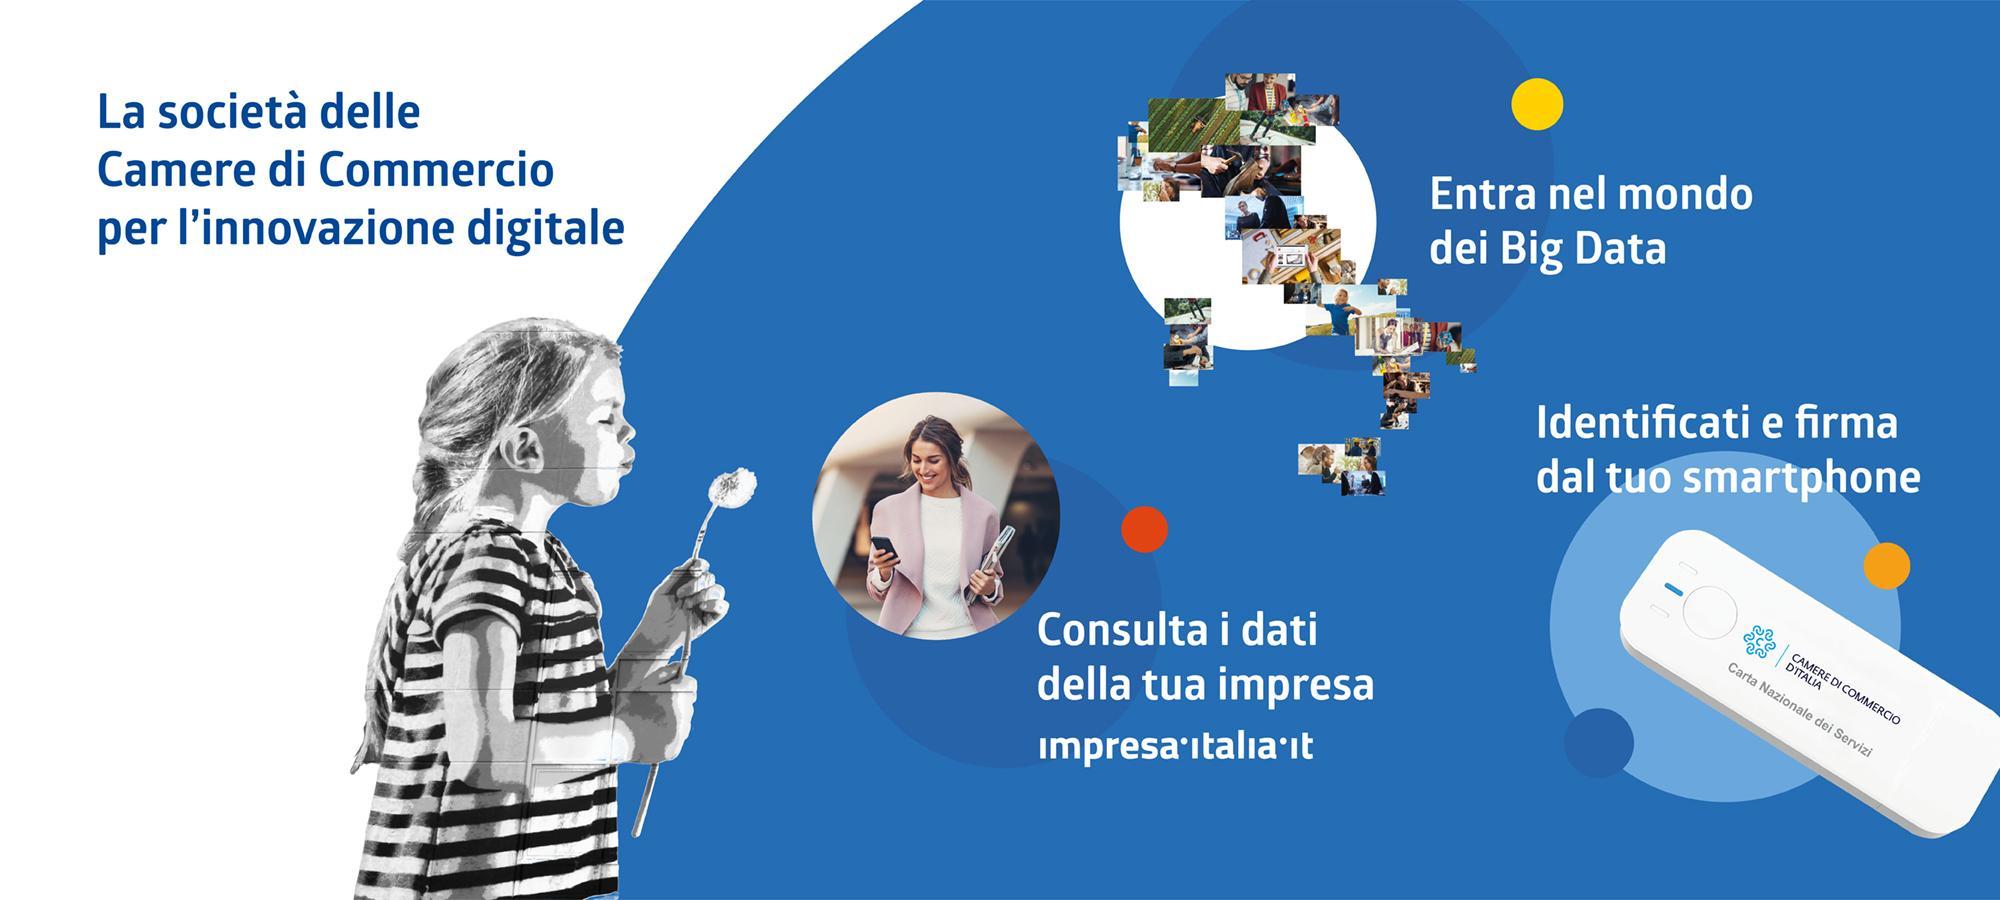 I servizi digitali per le imprese